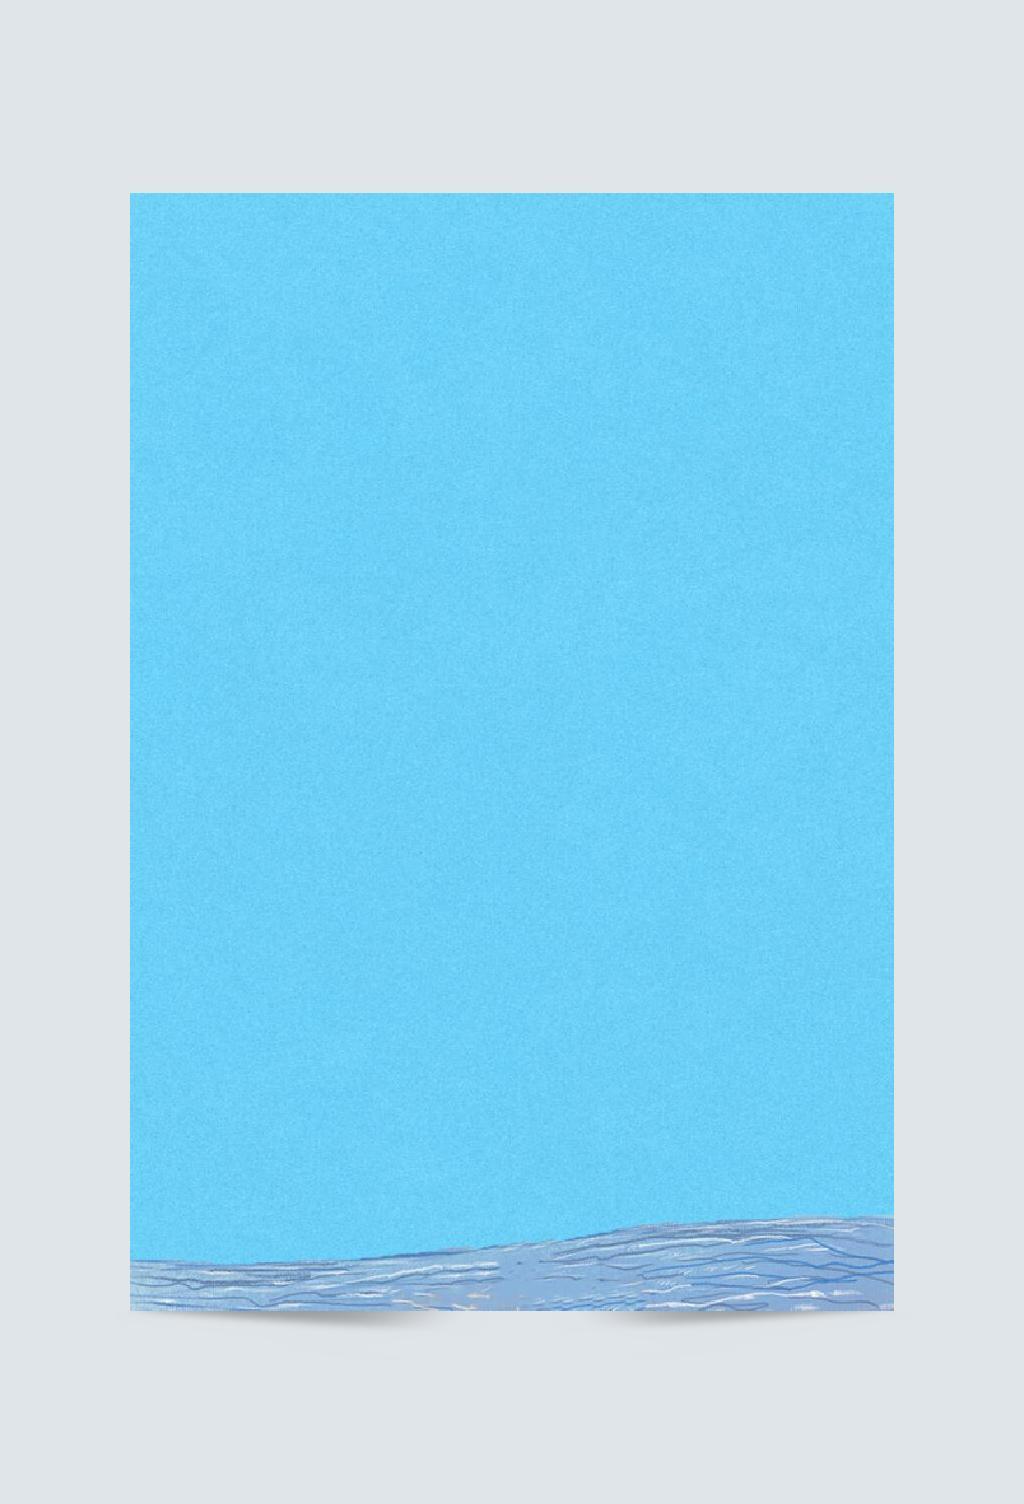 手绘蓝色海滩海报设计背景图